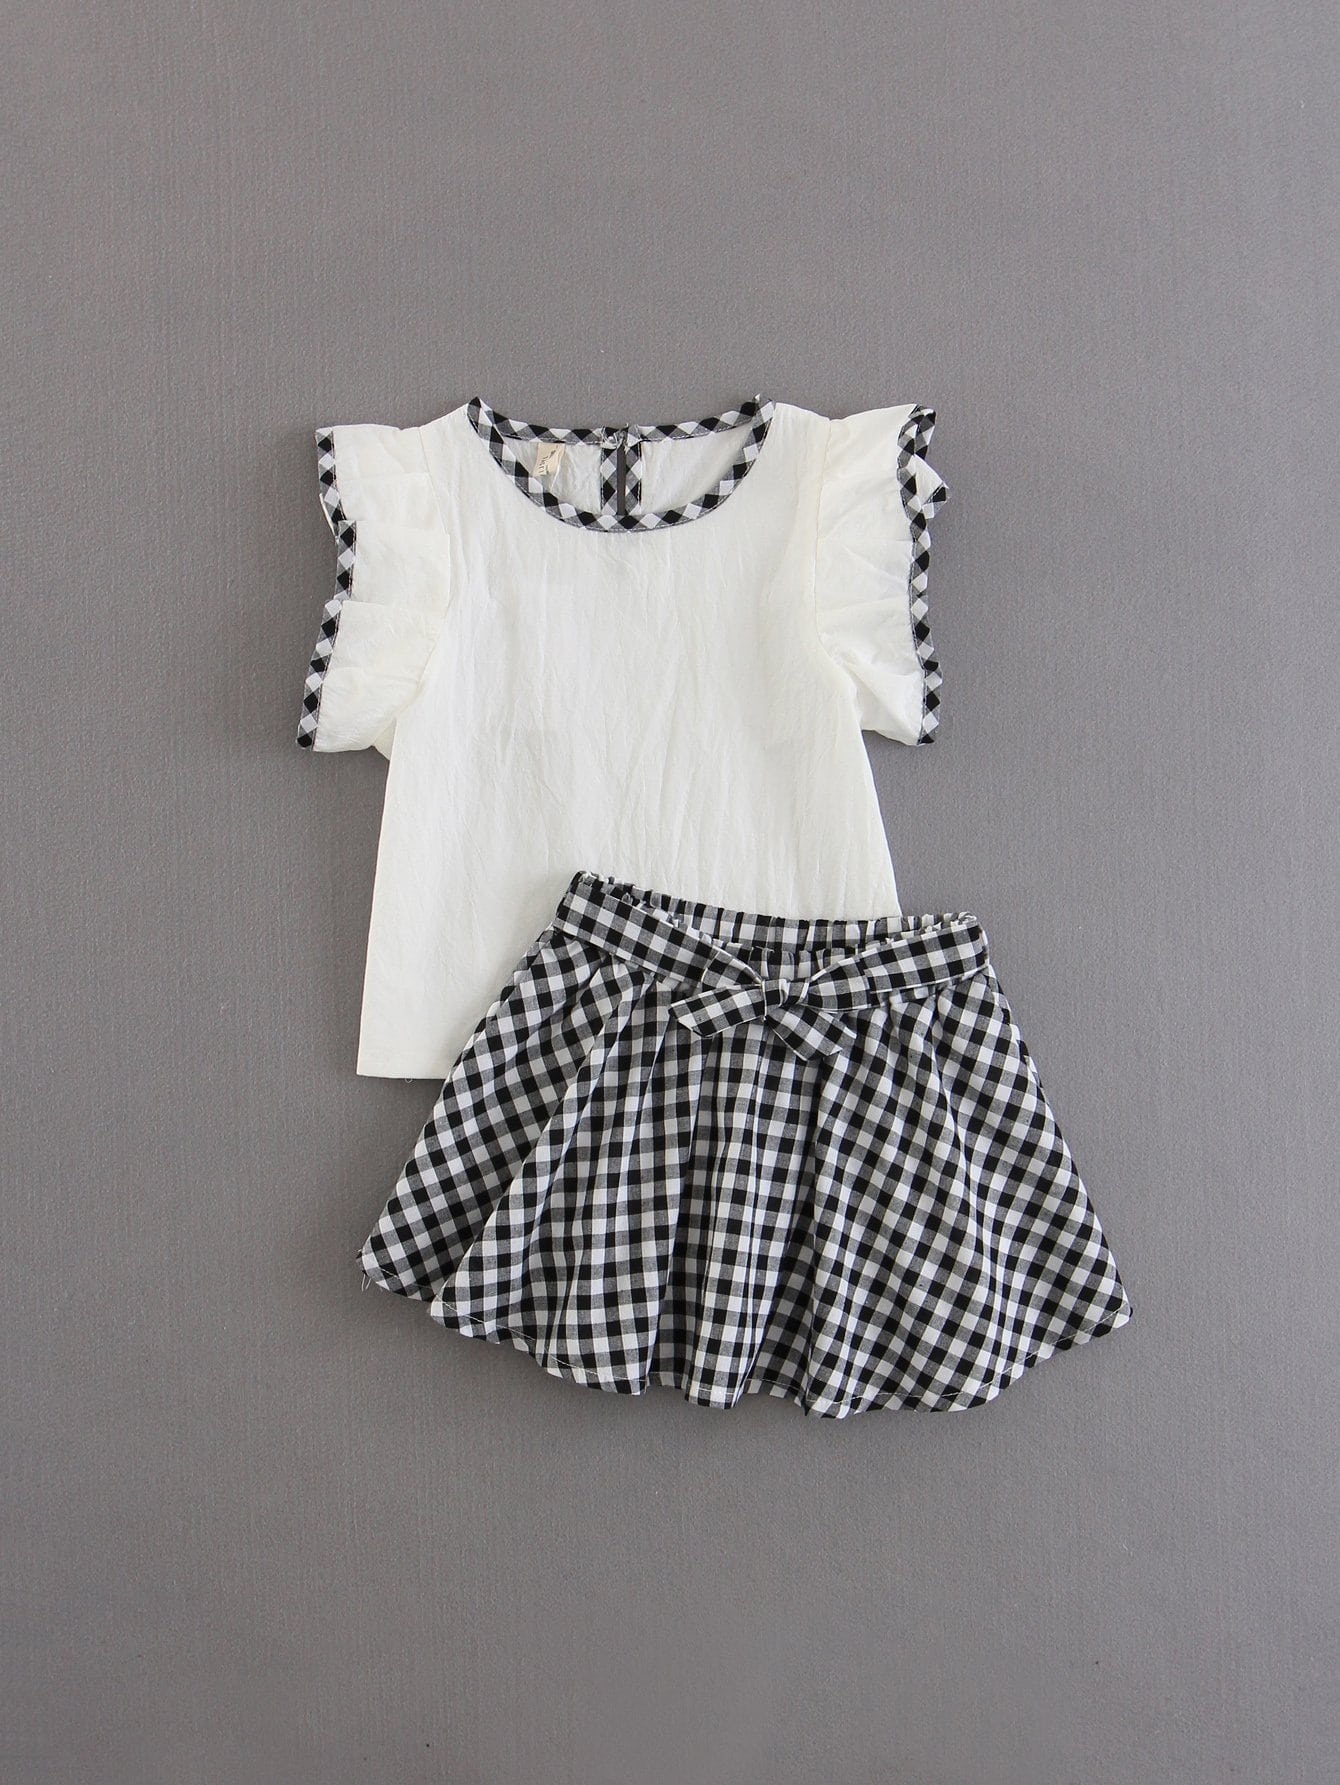 Купить Блузка с оборками и юбка в клетку для детей, null, SheIn